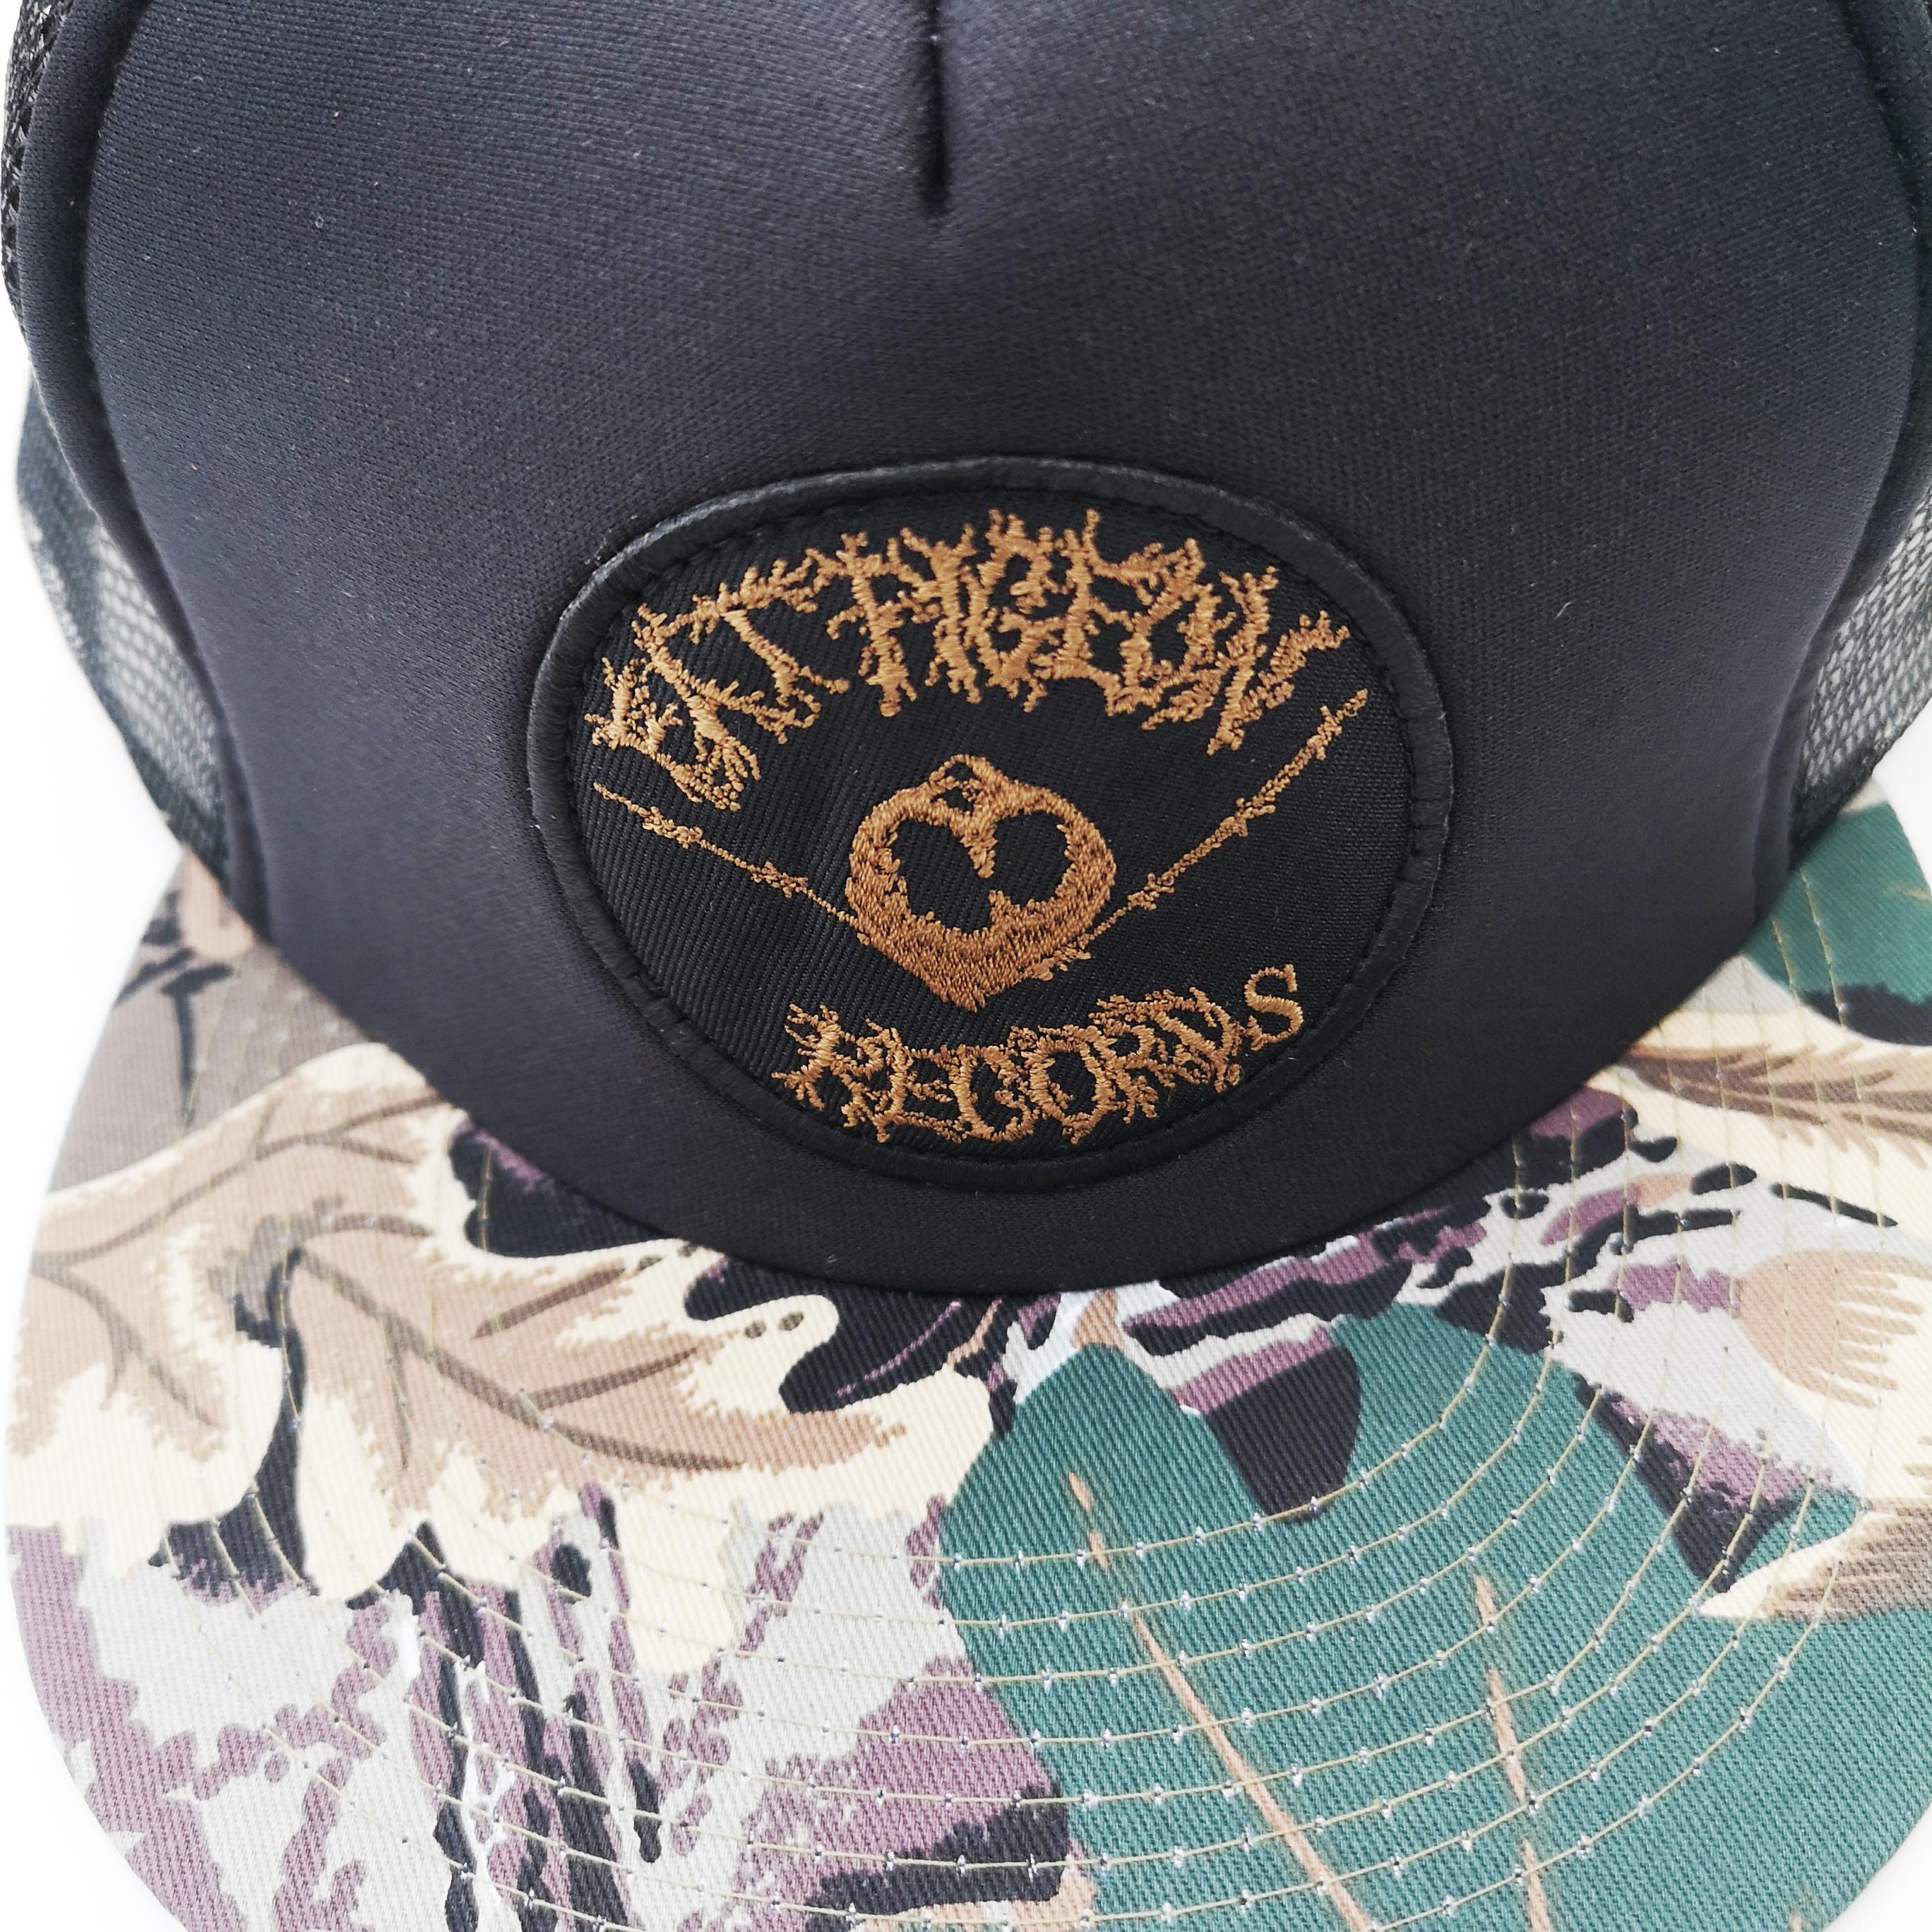 FAT PIGEON RECORDS CAMO MESH CAP